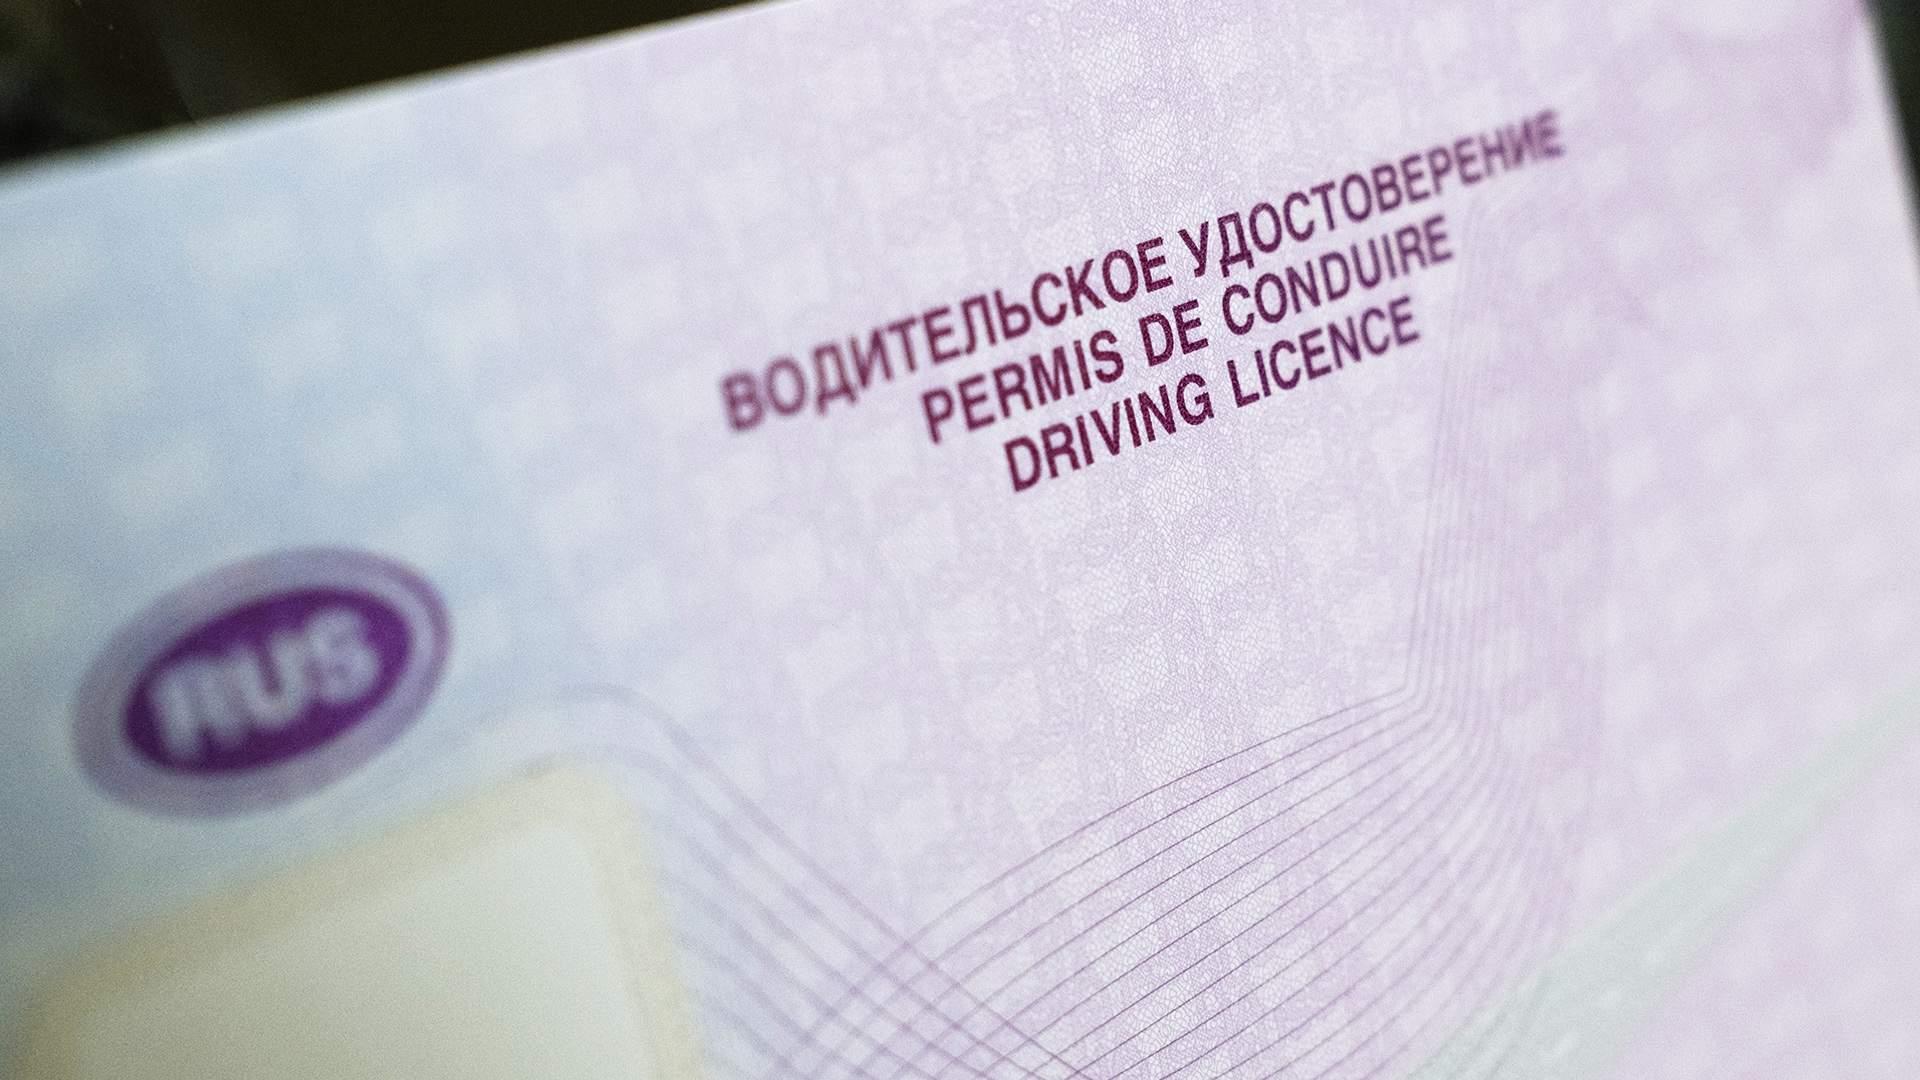 Держаться руля: банки просят доступ к базе МВД с водительскими правами |  Статьи | Известия